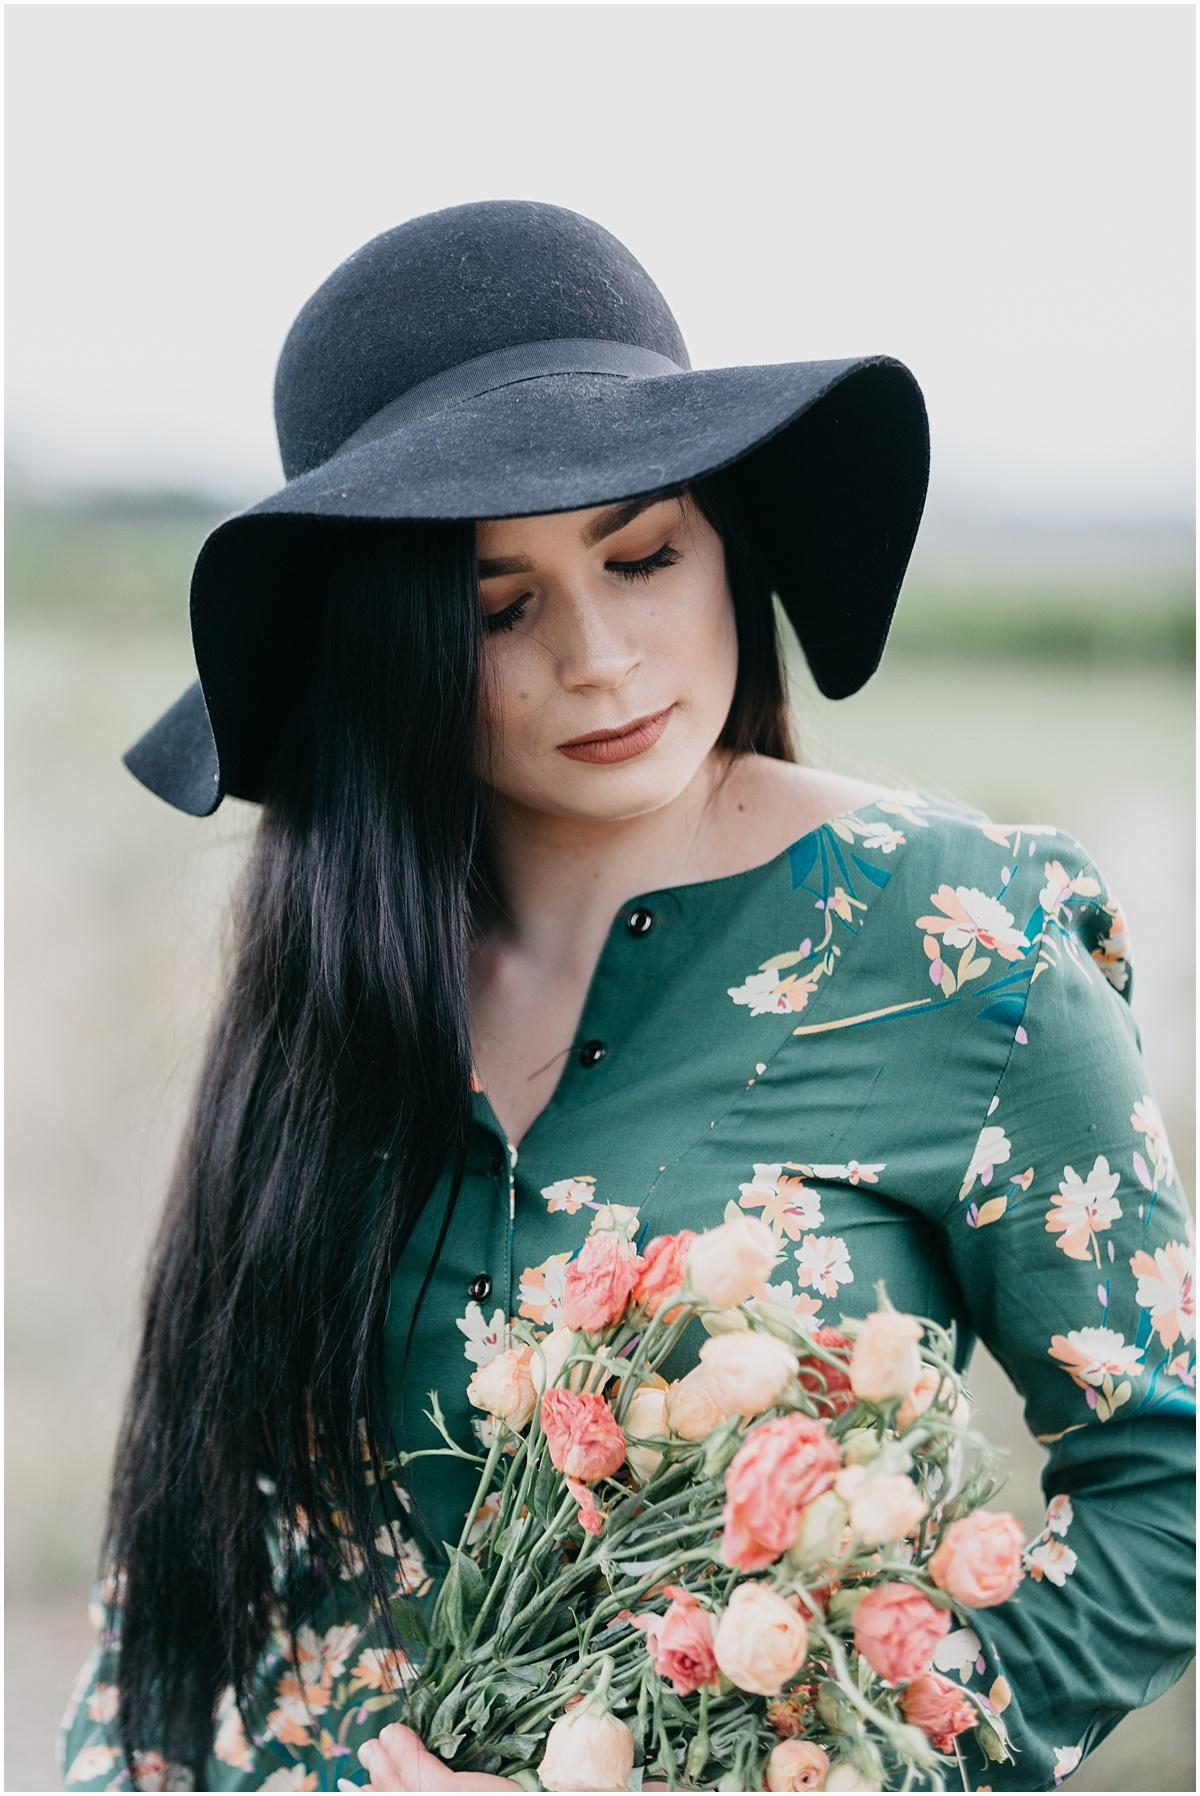 Woman in black hat wearing green dress holding bouquet of flowers